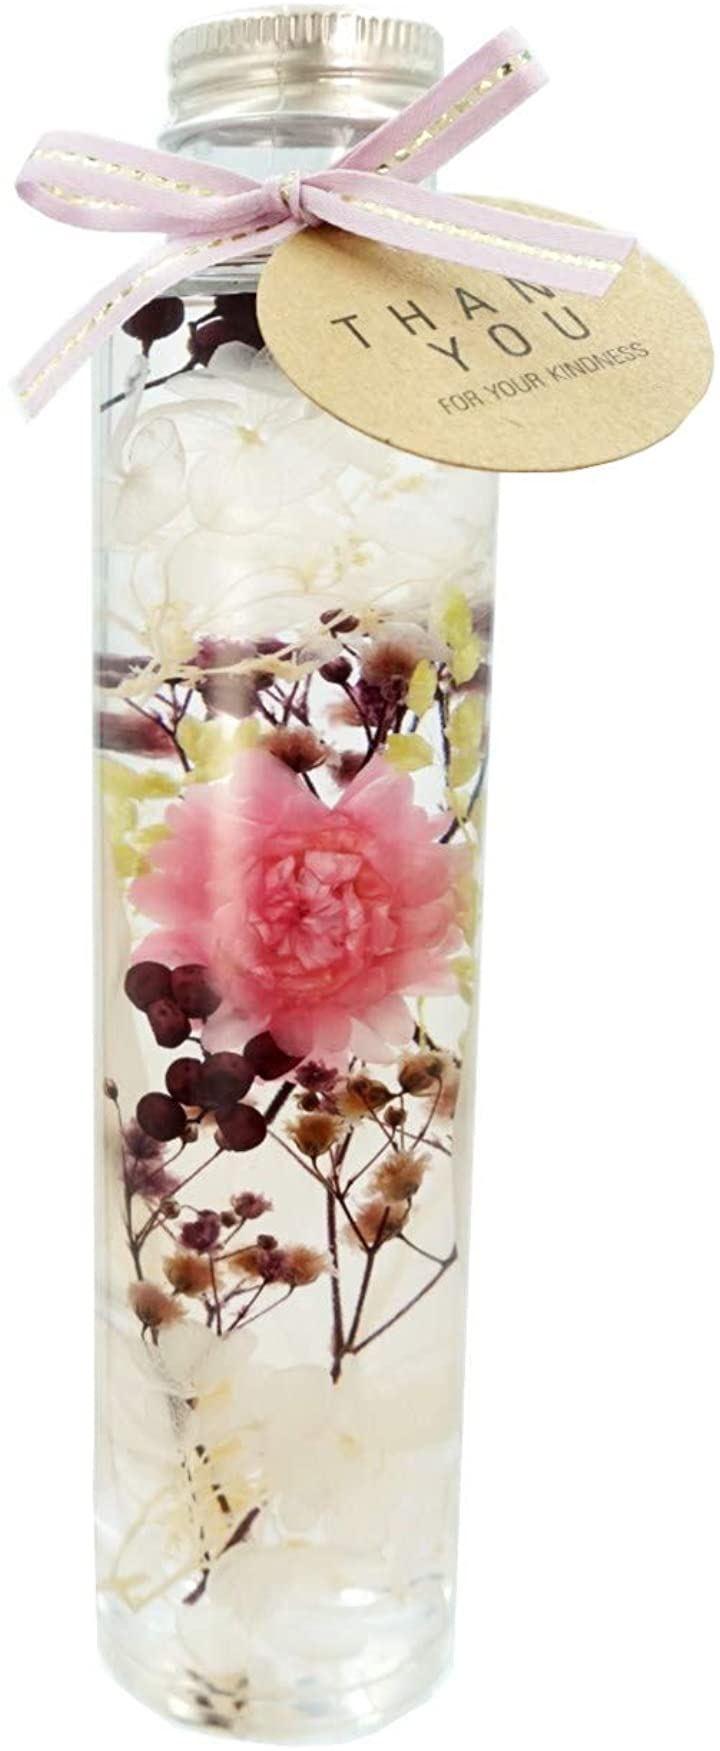 ハーバリウム KOMACHI ギフトBOX付 母の日 贈り物 誕生日 女性 記念日 プレゼント 花 結婚祝い 開店祝い 敬老(ベビーピンク)